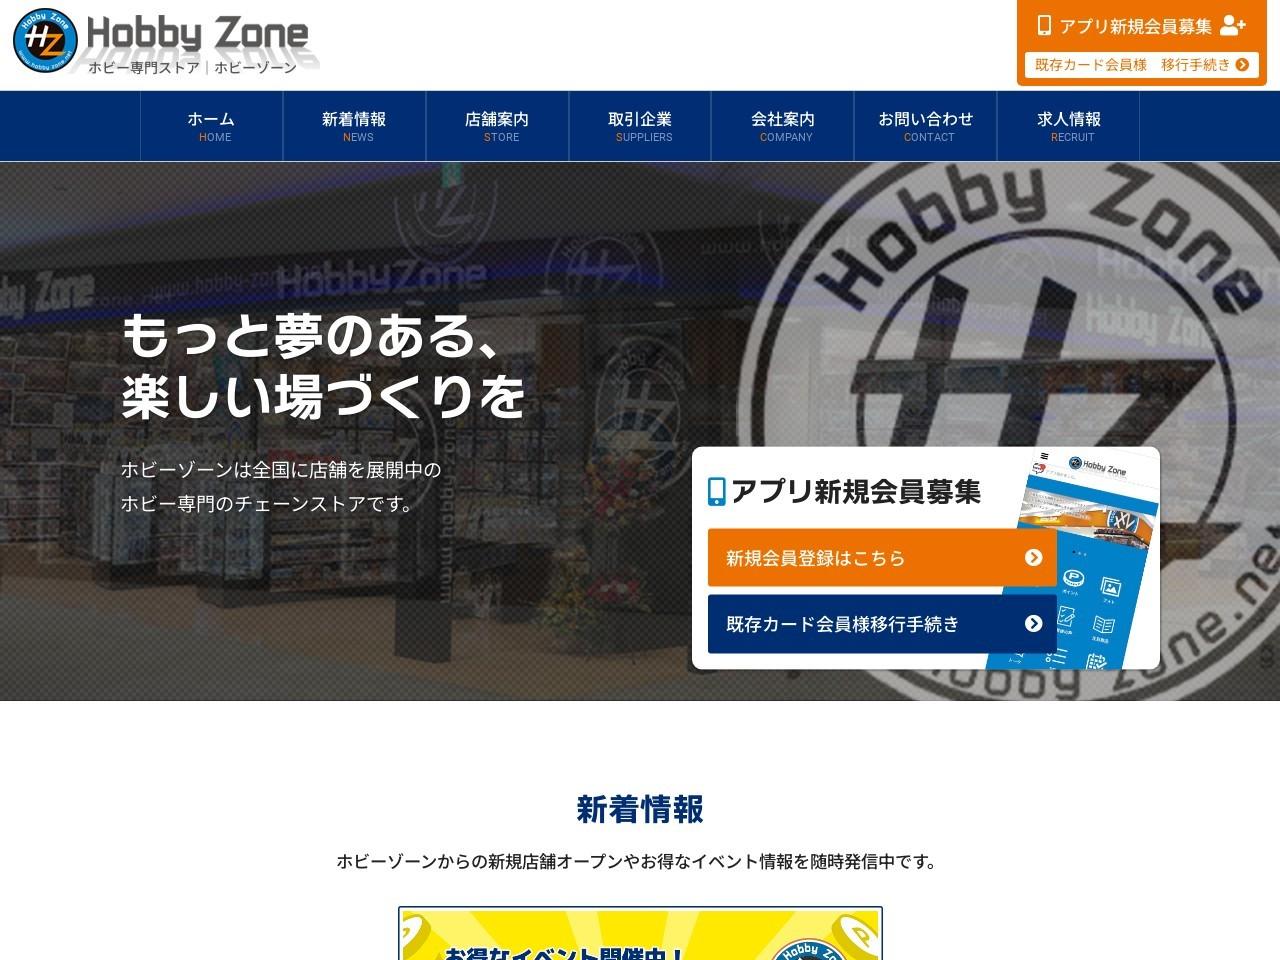 HobbyZone - ホビーゾーン | ガンプラ・ジグソーパズルのことならおまかせ